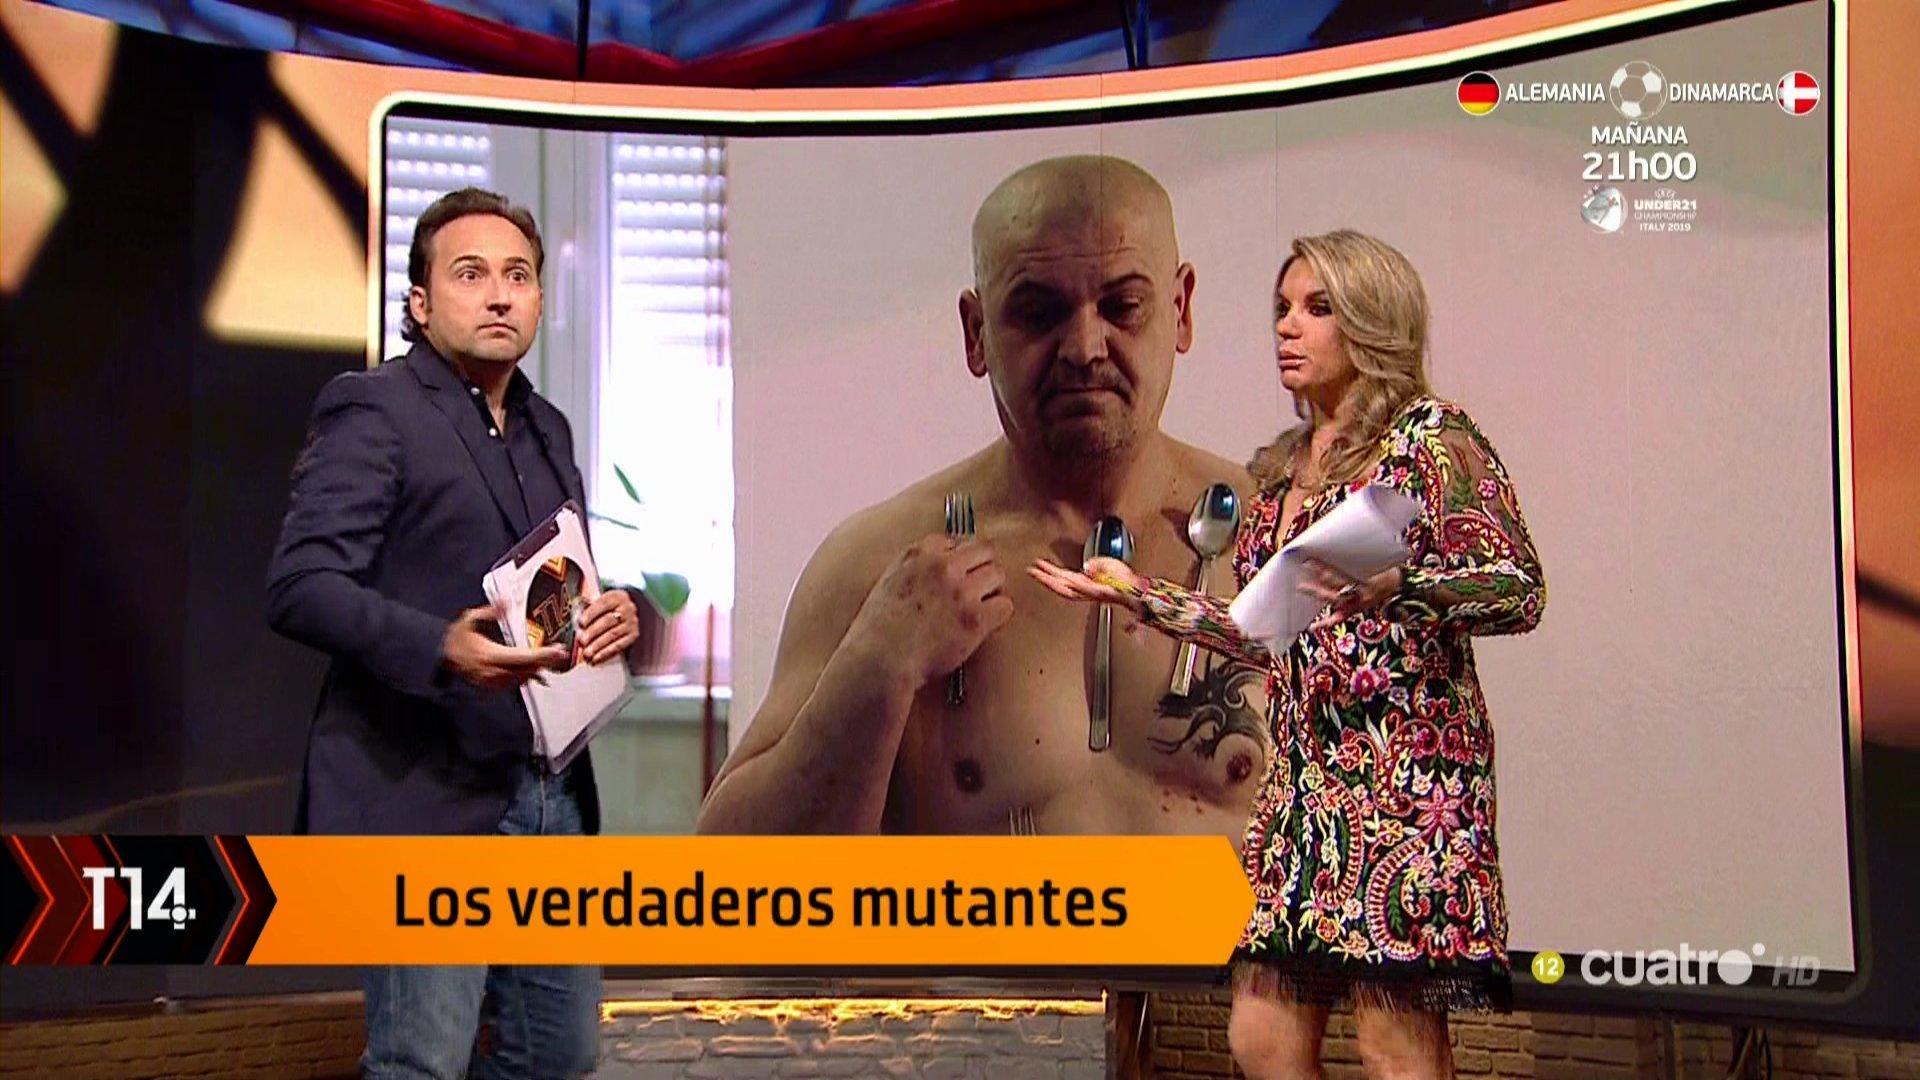 La reflexión de Iker Jiménez que aplaude la ultraderecha